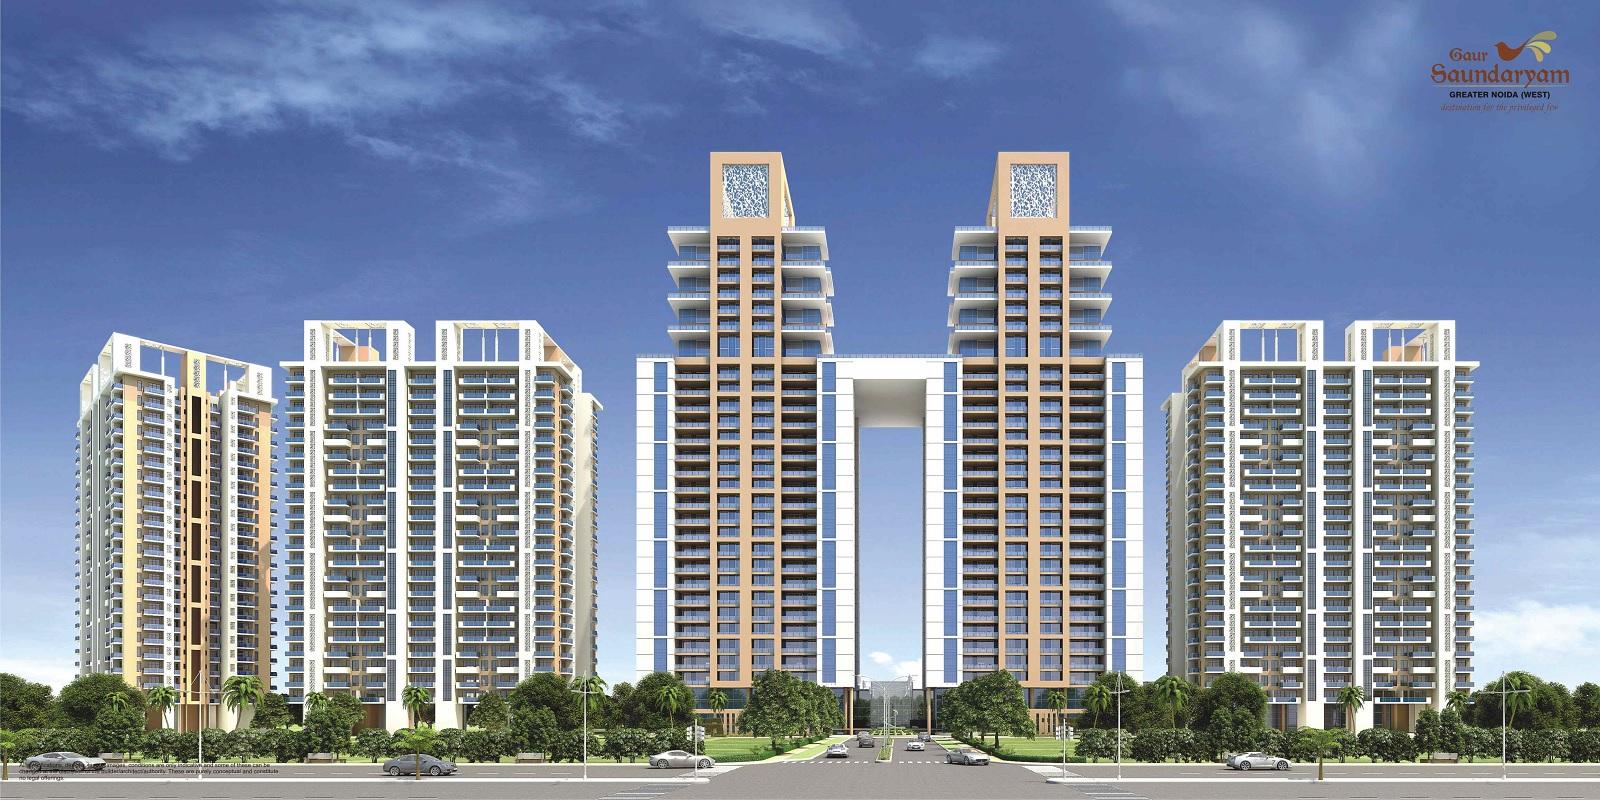 gaur saundaryam project project large image1